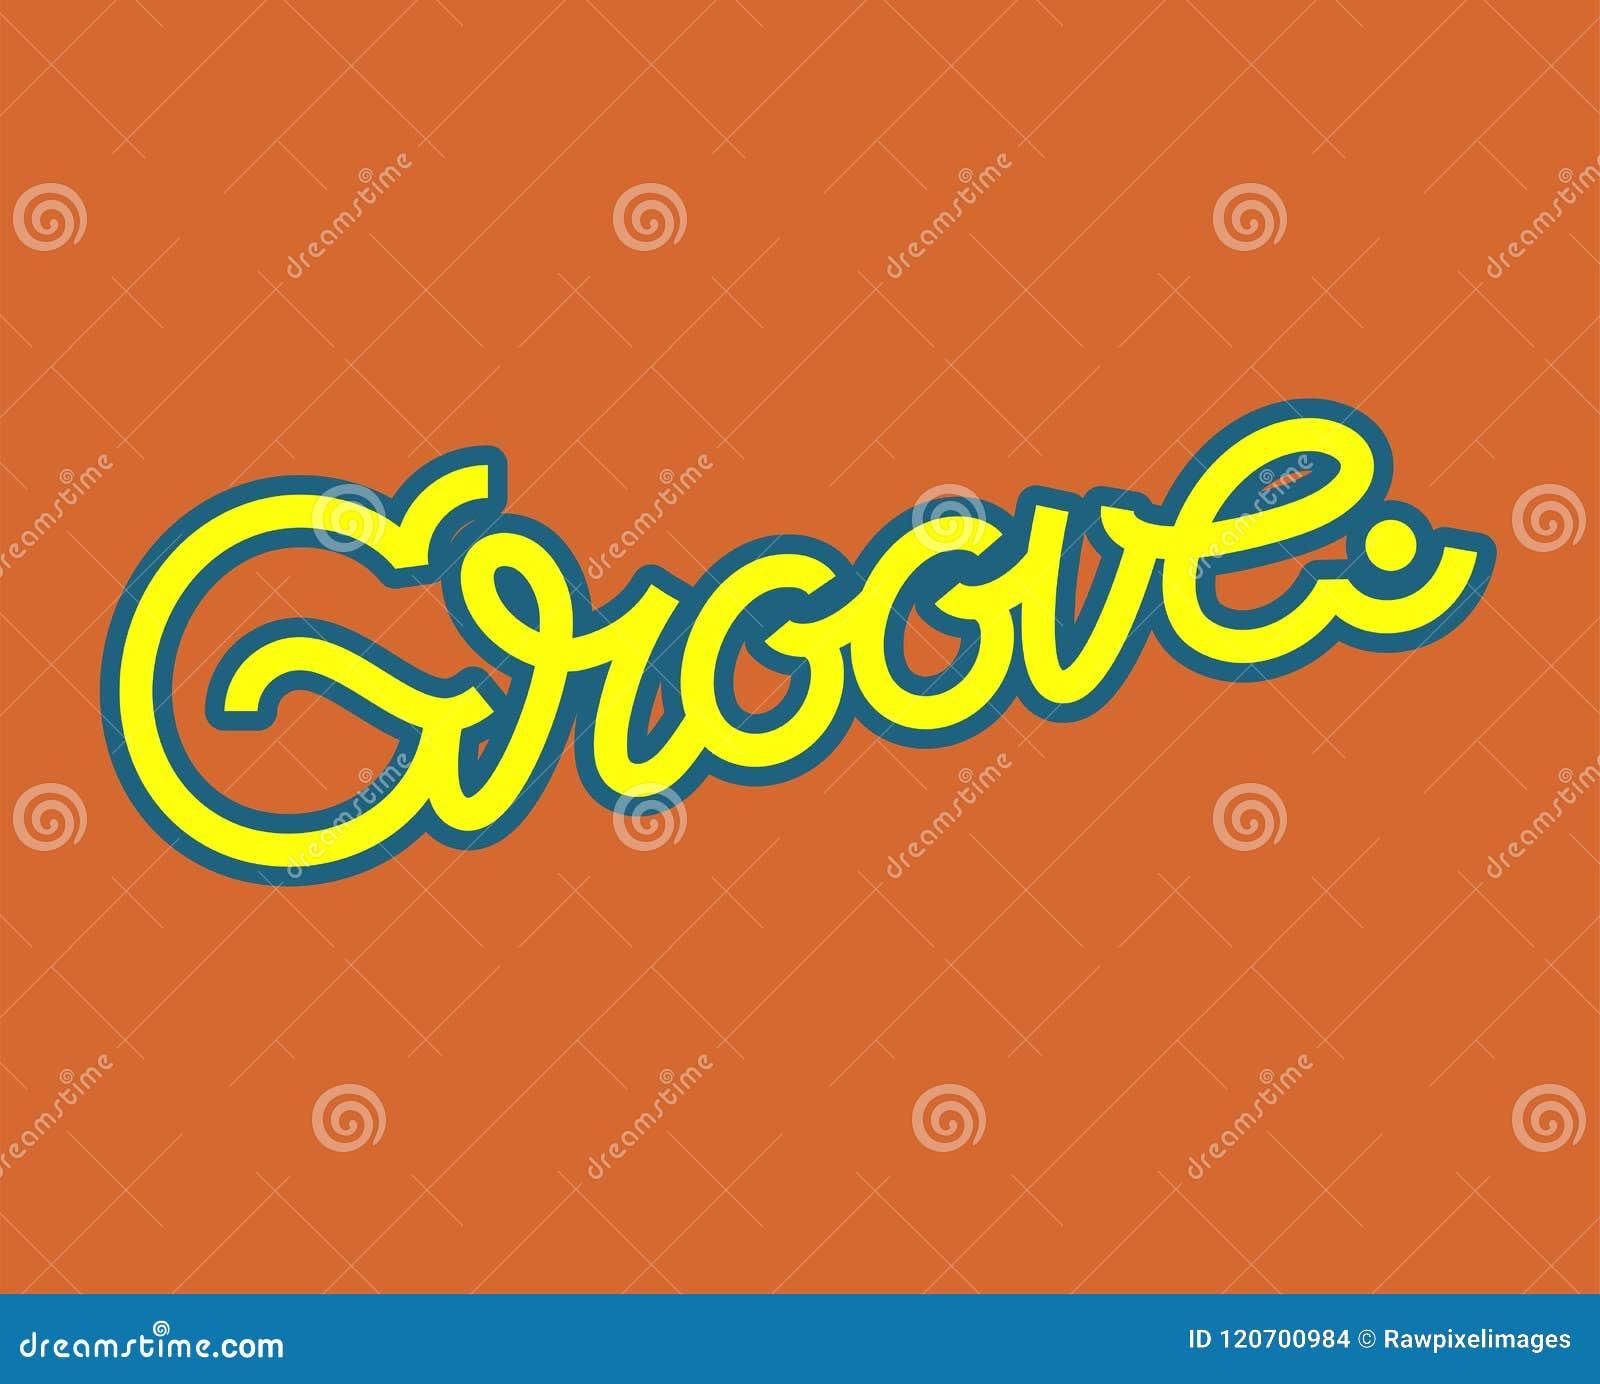 Ejemplo del diseño de la tipografía de la palabra del surco